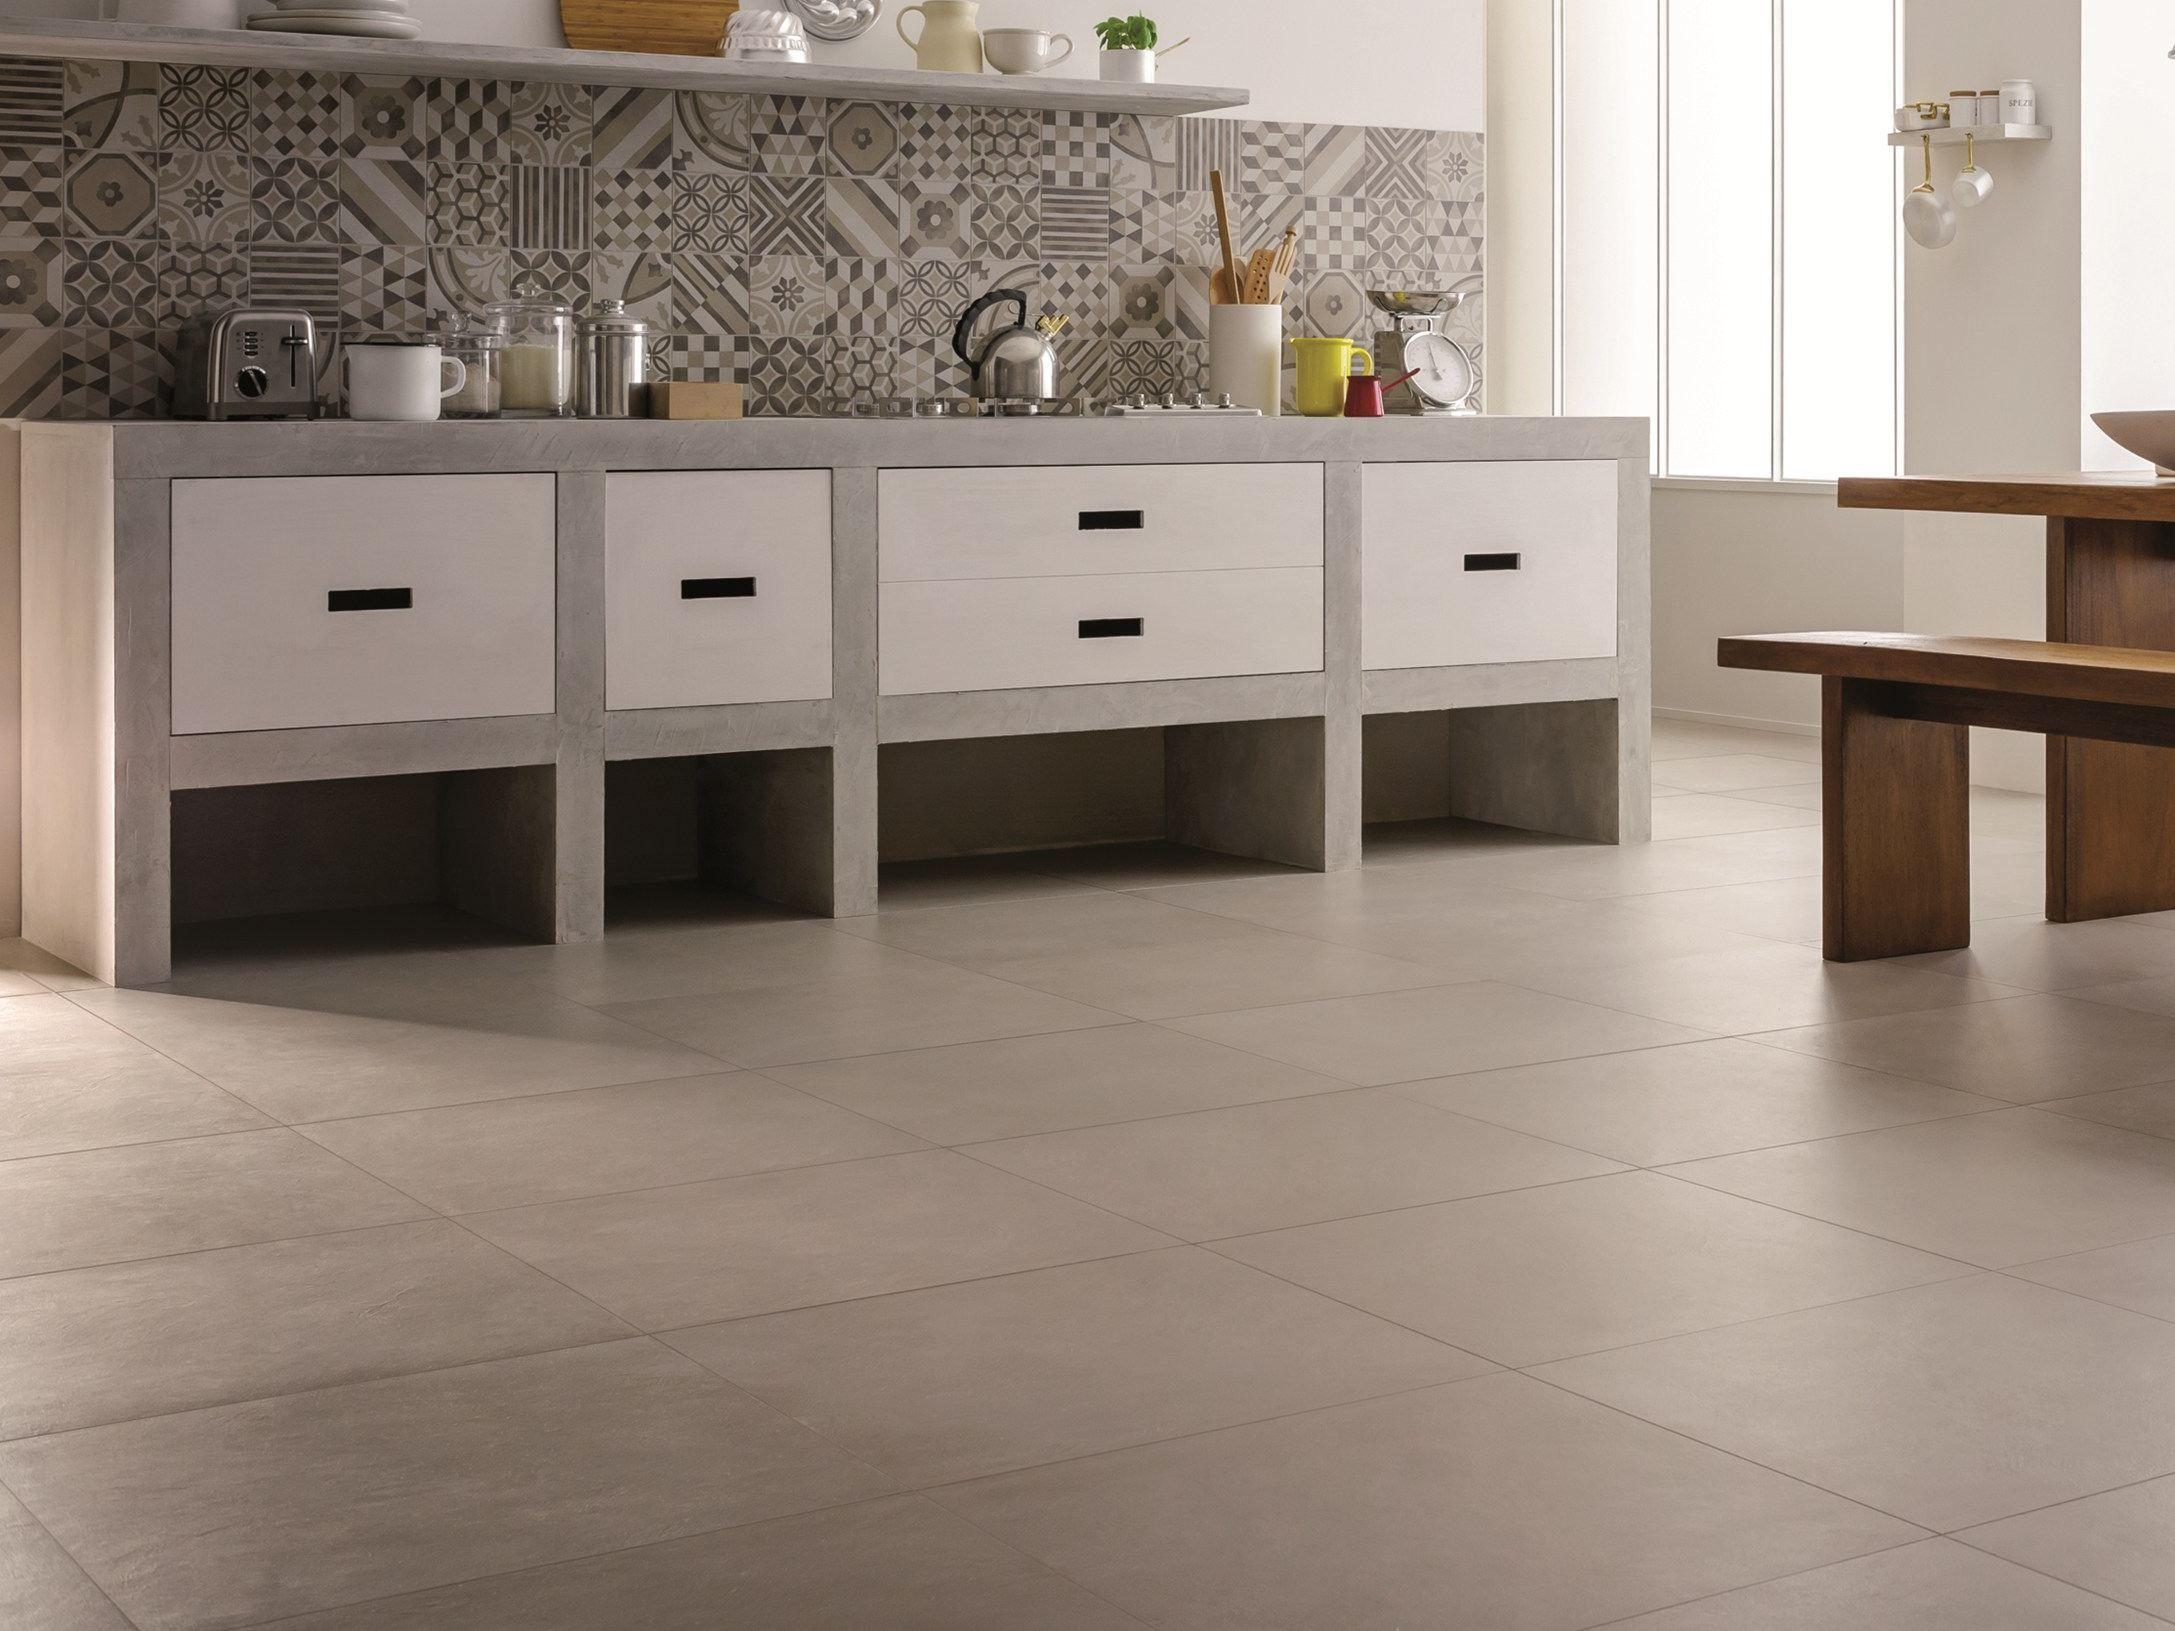 Revestimiento de pared suelo de gres porcel nico block by - Suelos de gres porcelanico ...